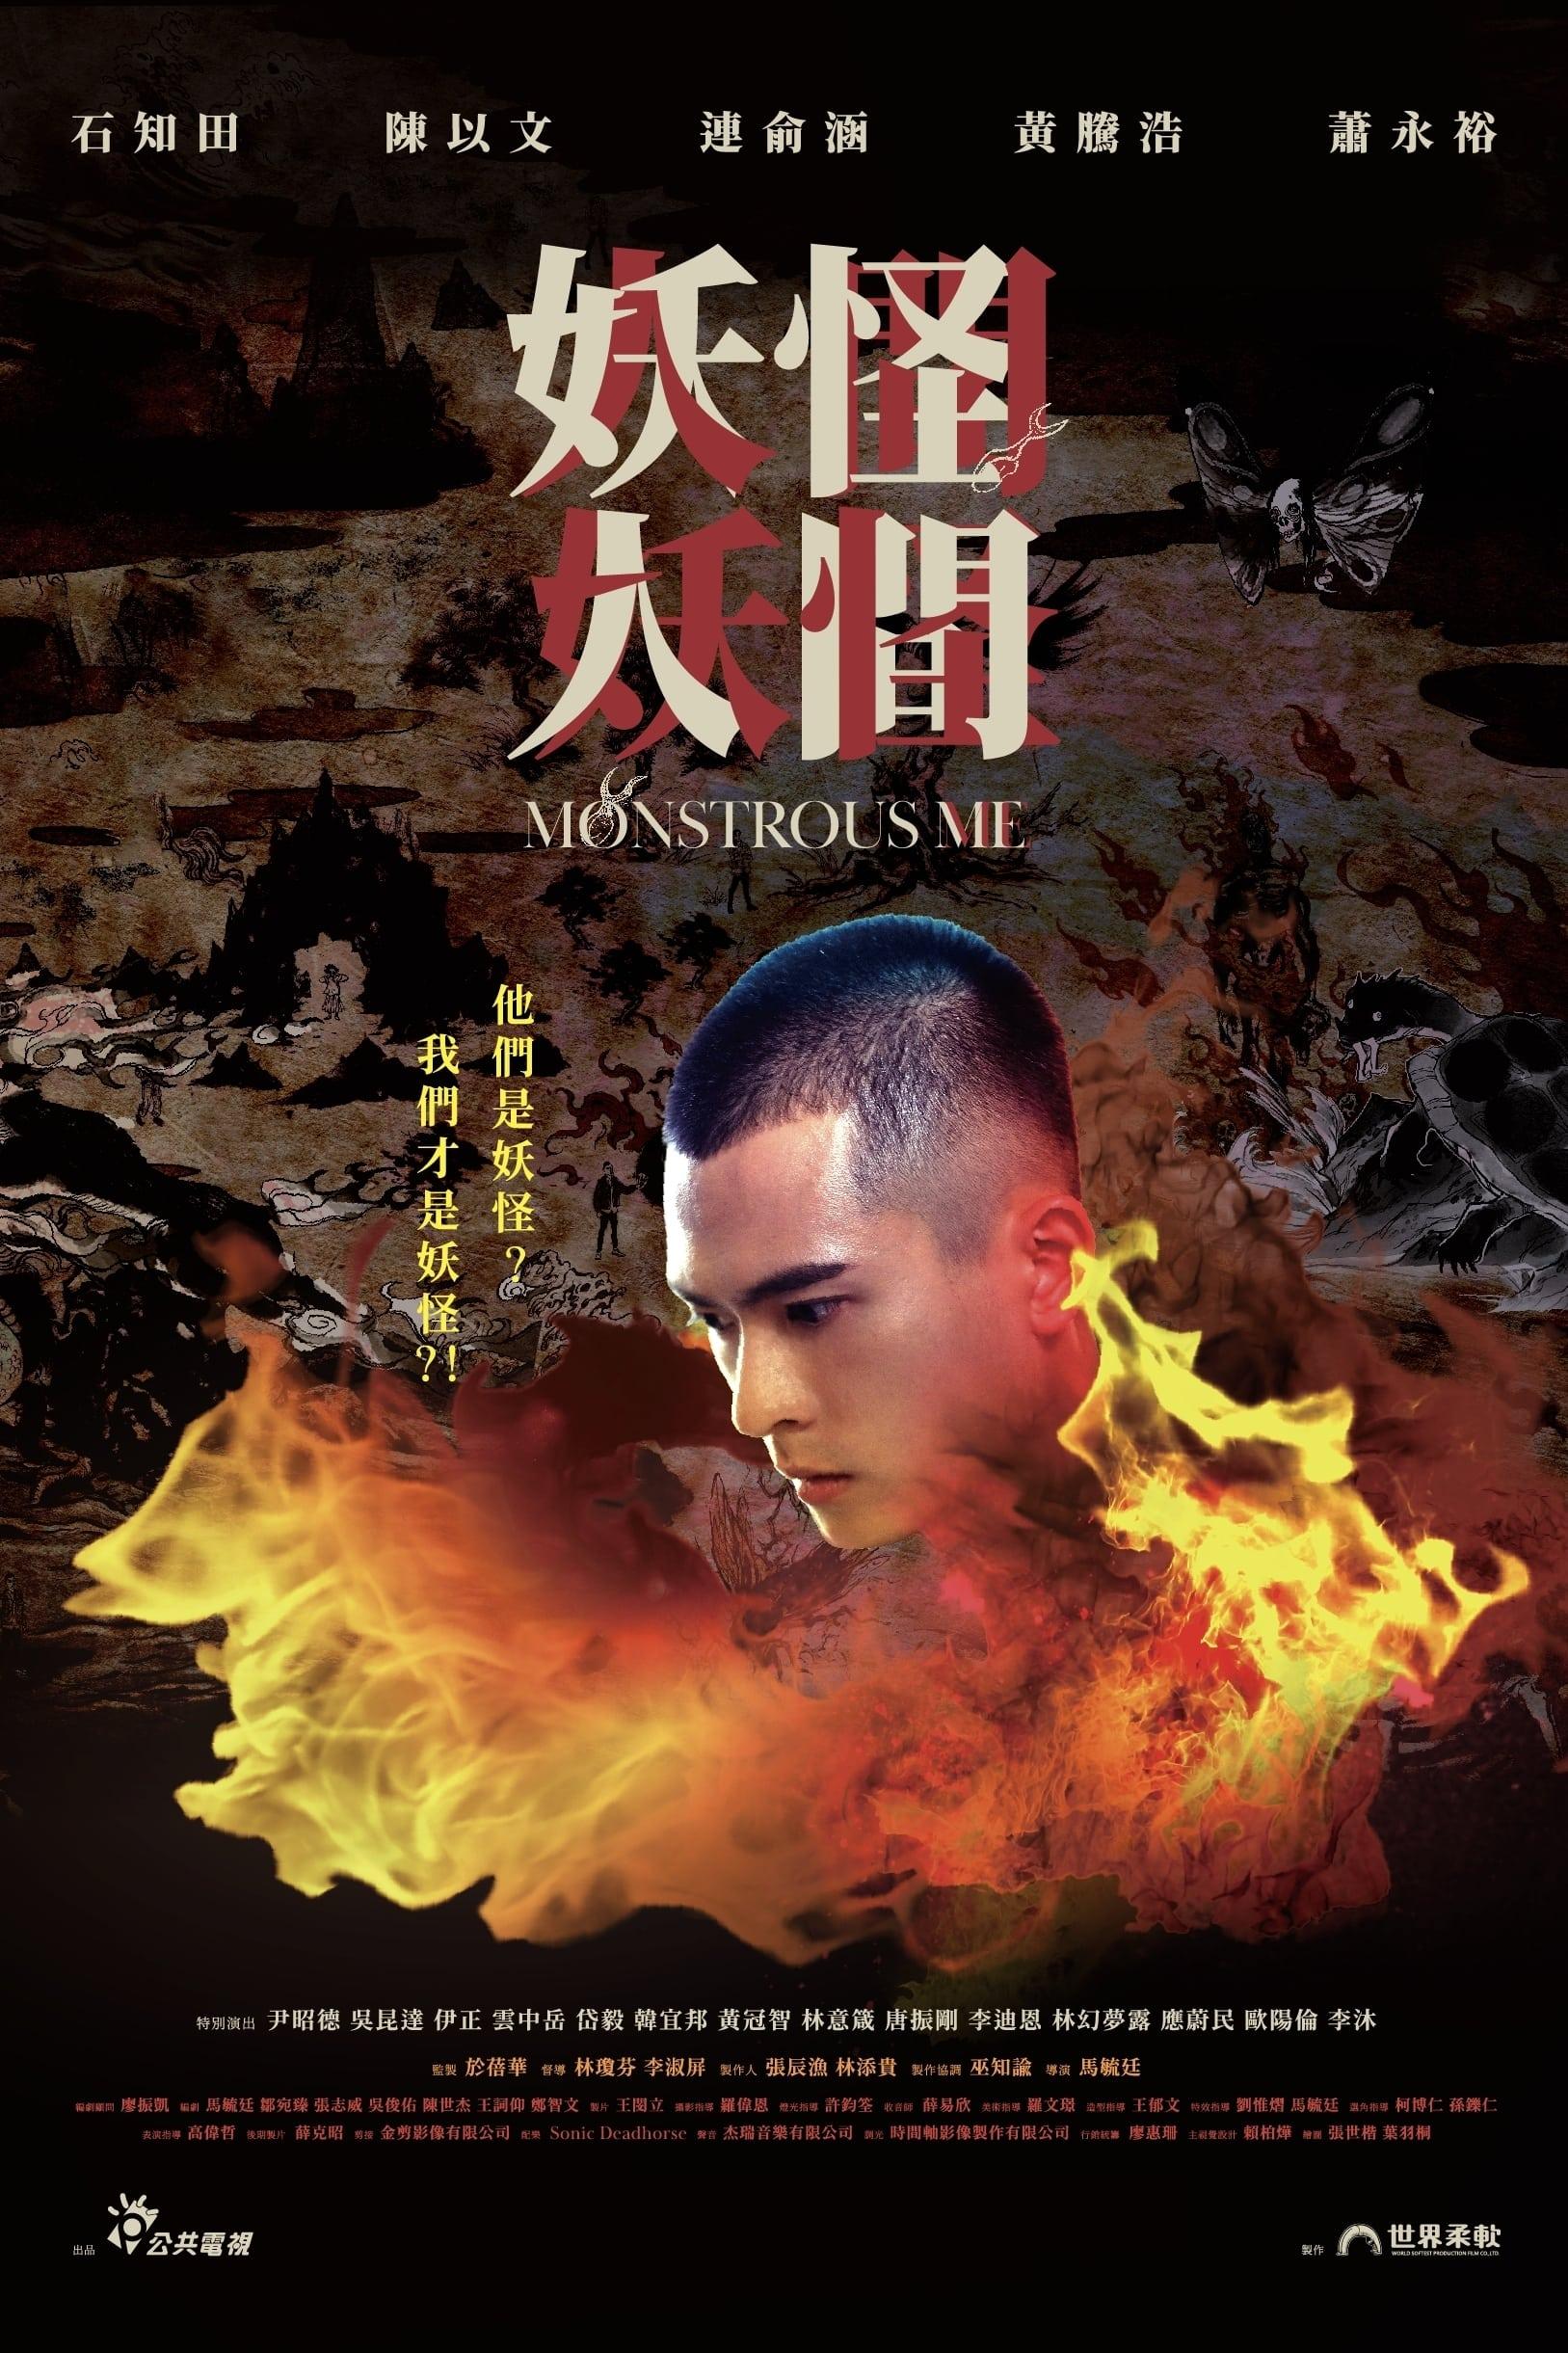 Monstrous Me